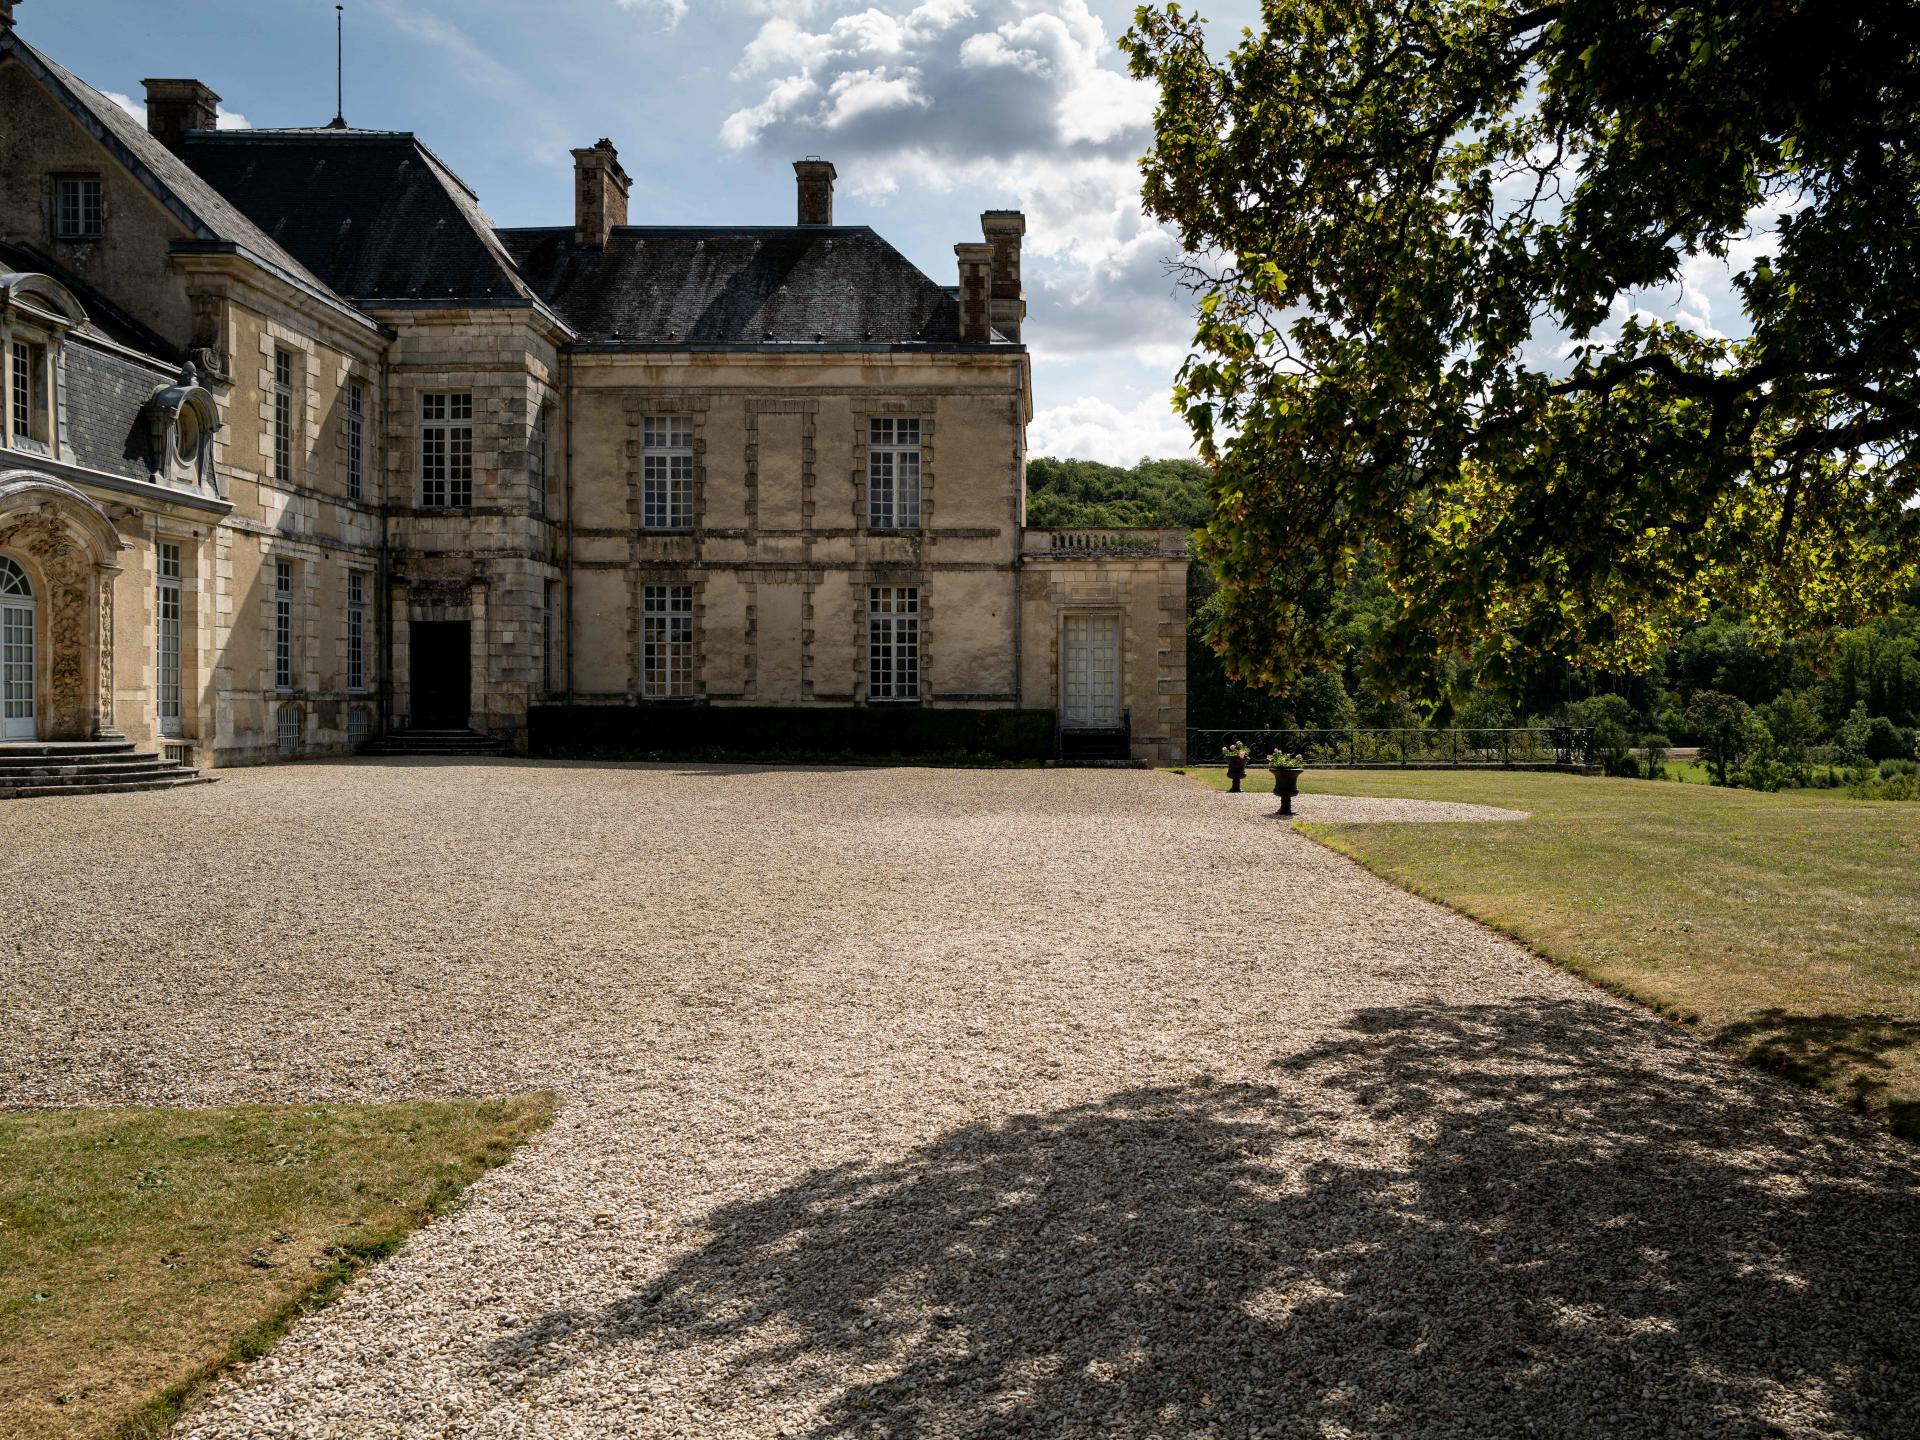 Le château d'Emilie du Châtelet, àCirey-sur-Blaise (Haute-Marne), où Voltaire s'installe dès 1734.